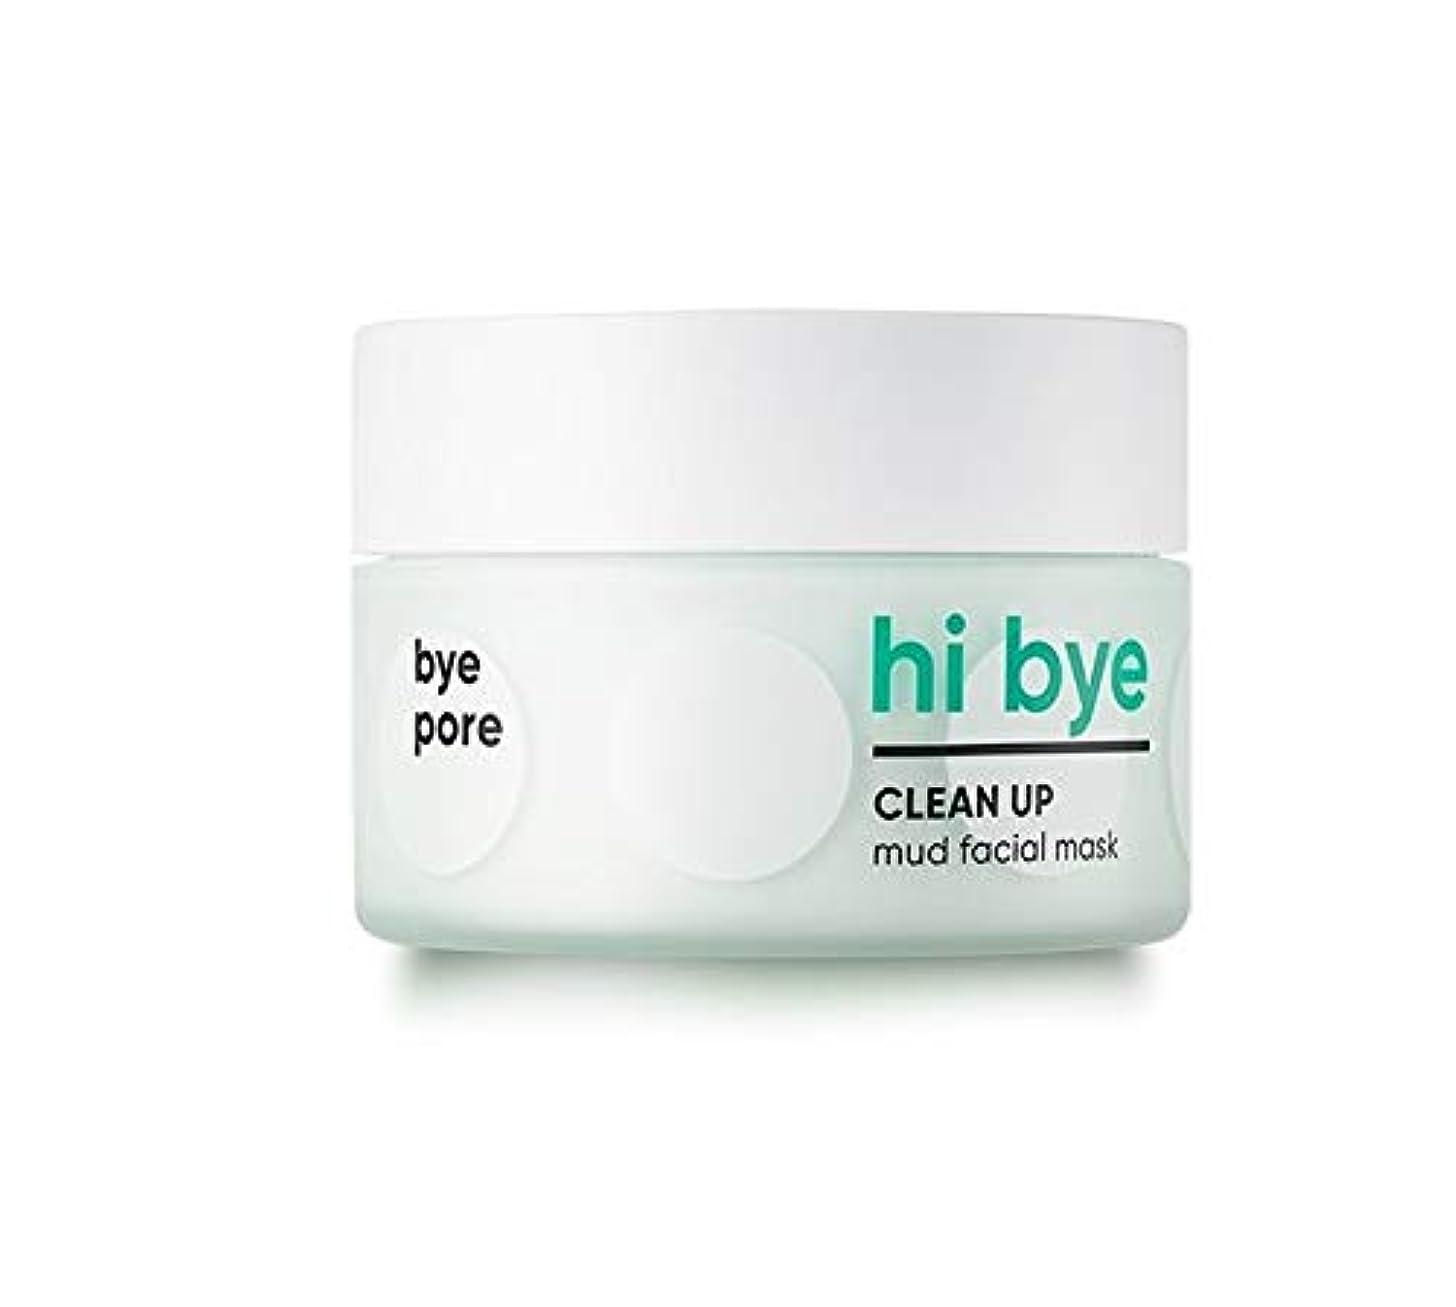 吹雪キャビンキャンディーbanilaco こんにちはバイクリーンアップマッドフェイシャルマスク/Hi Bye Clean Up Mud Facial Mask 100ml [並行輸入品]